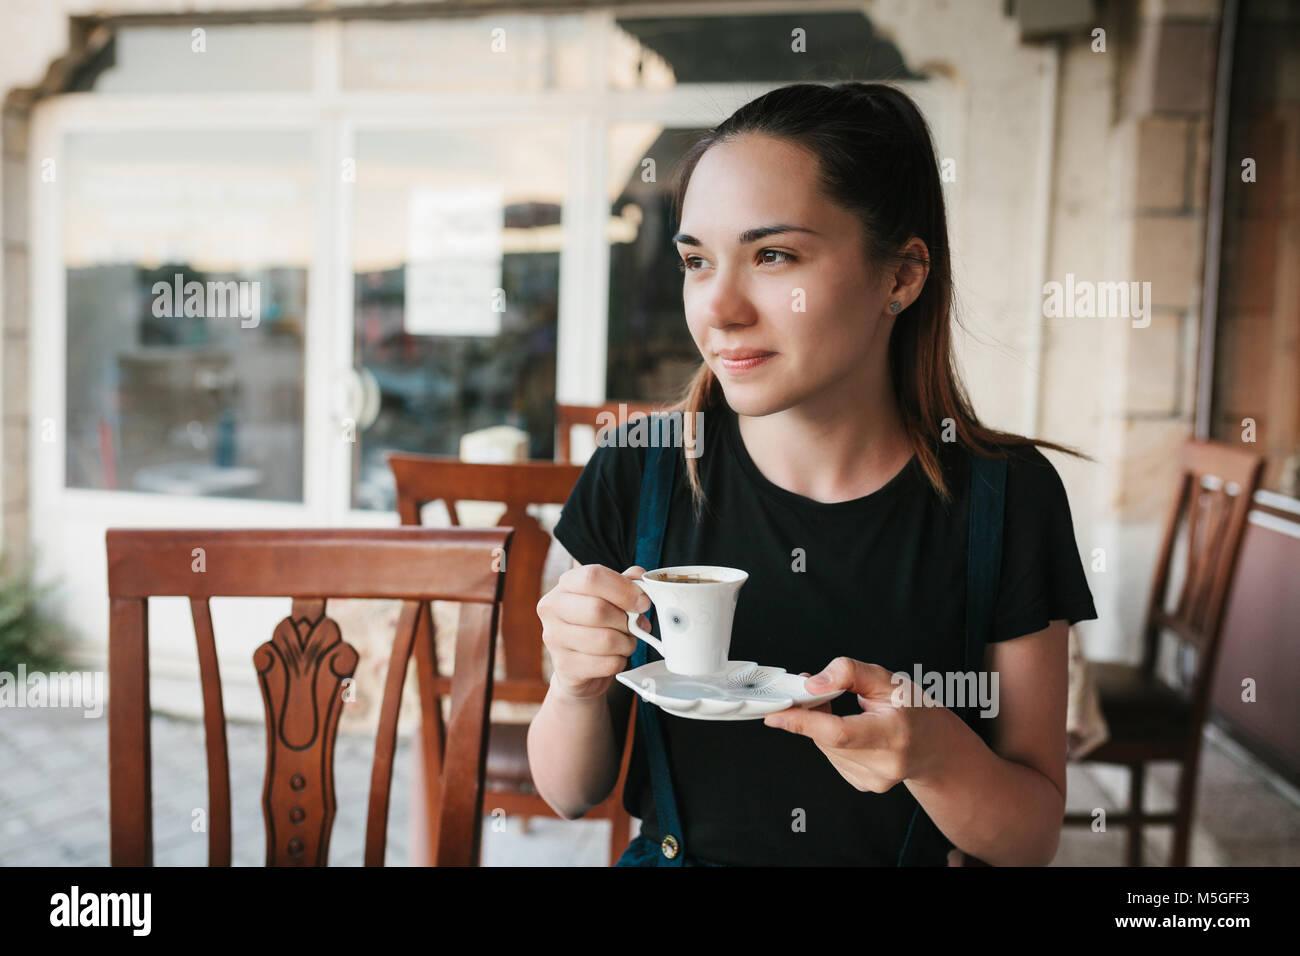 Bella mujer bebiendo café en la cafetería Imagen De Stock